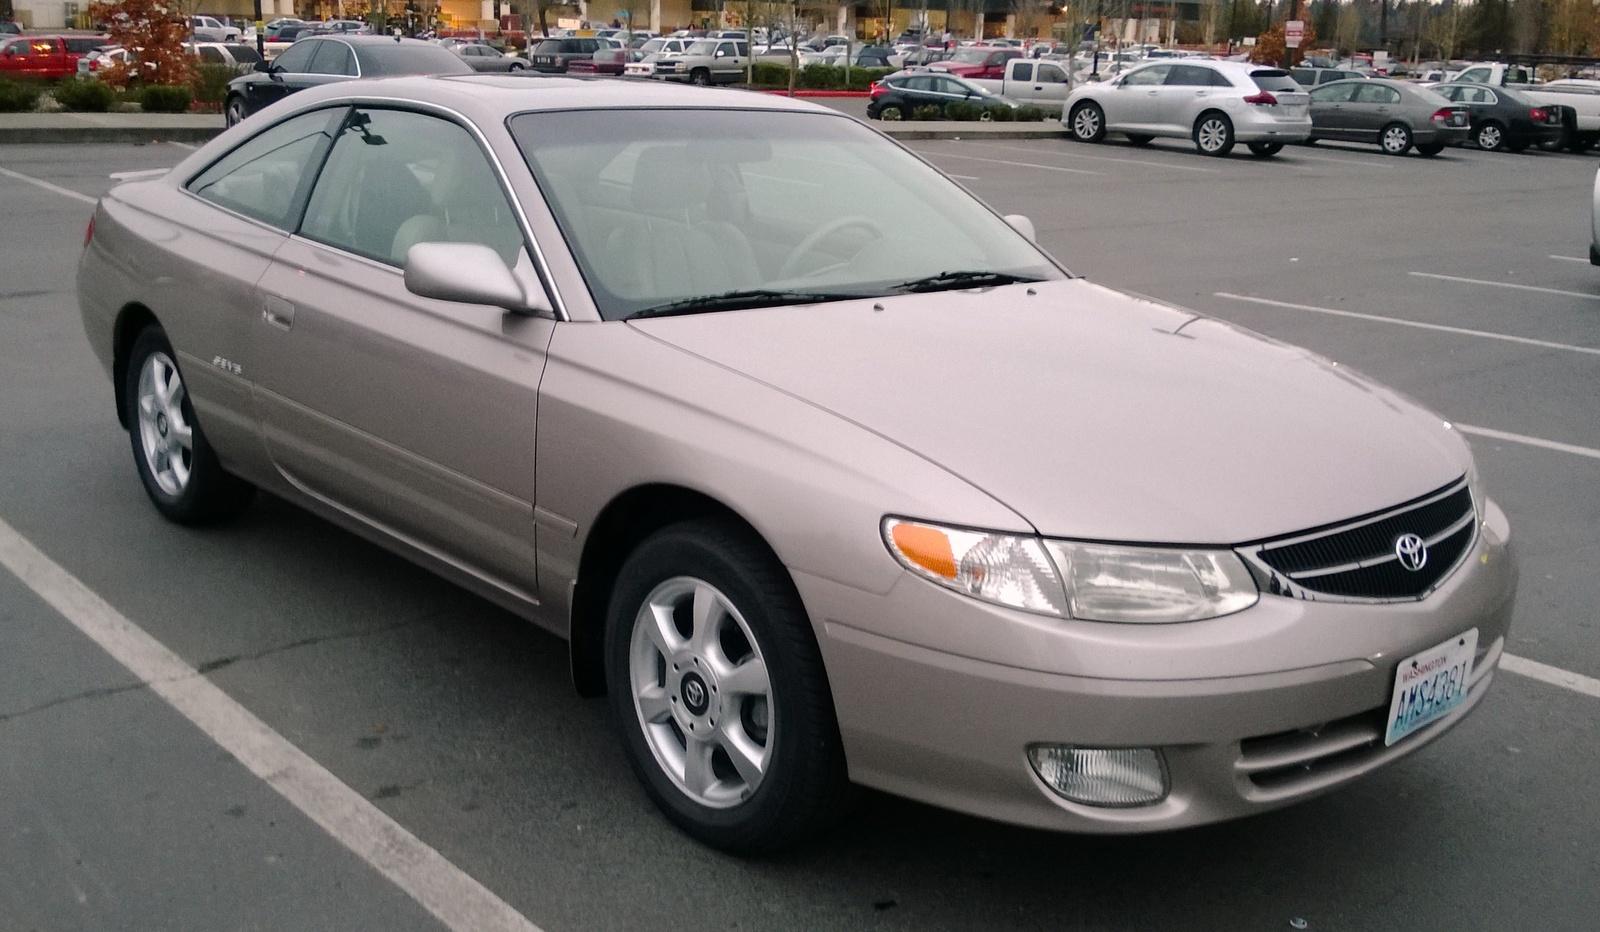 1999 Toyota Camry Solara Pictures Cargurus